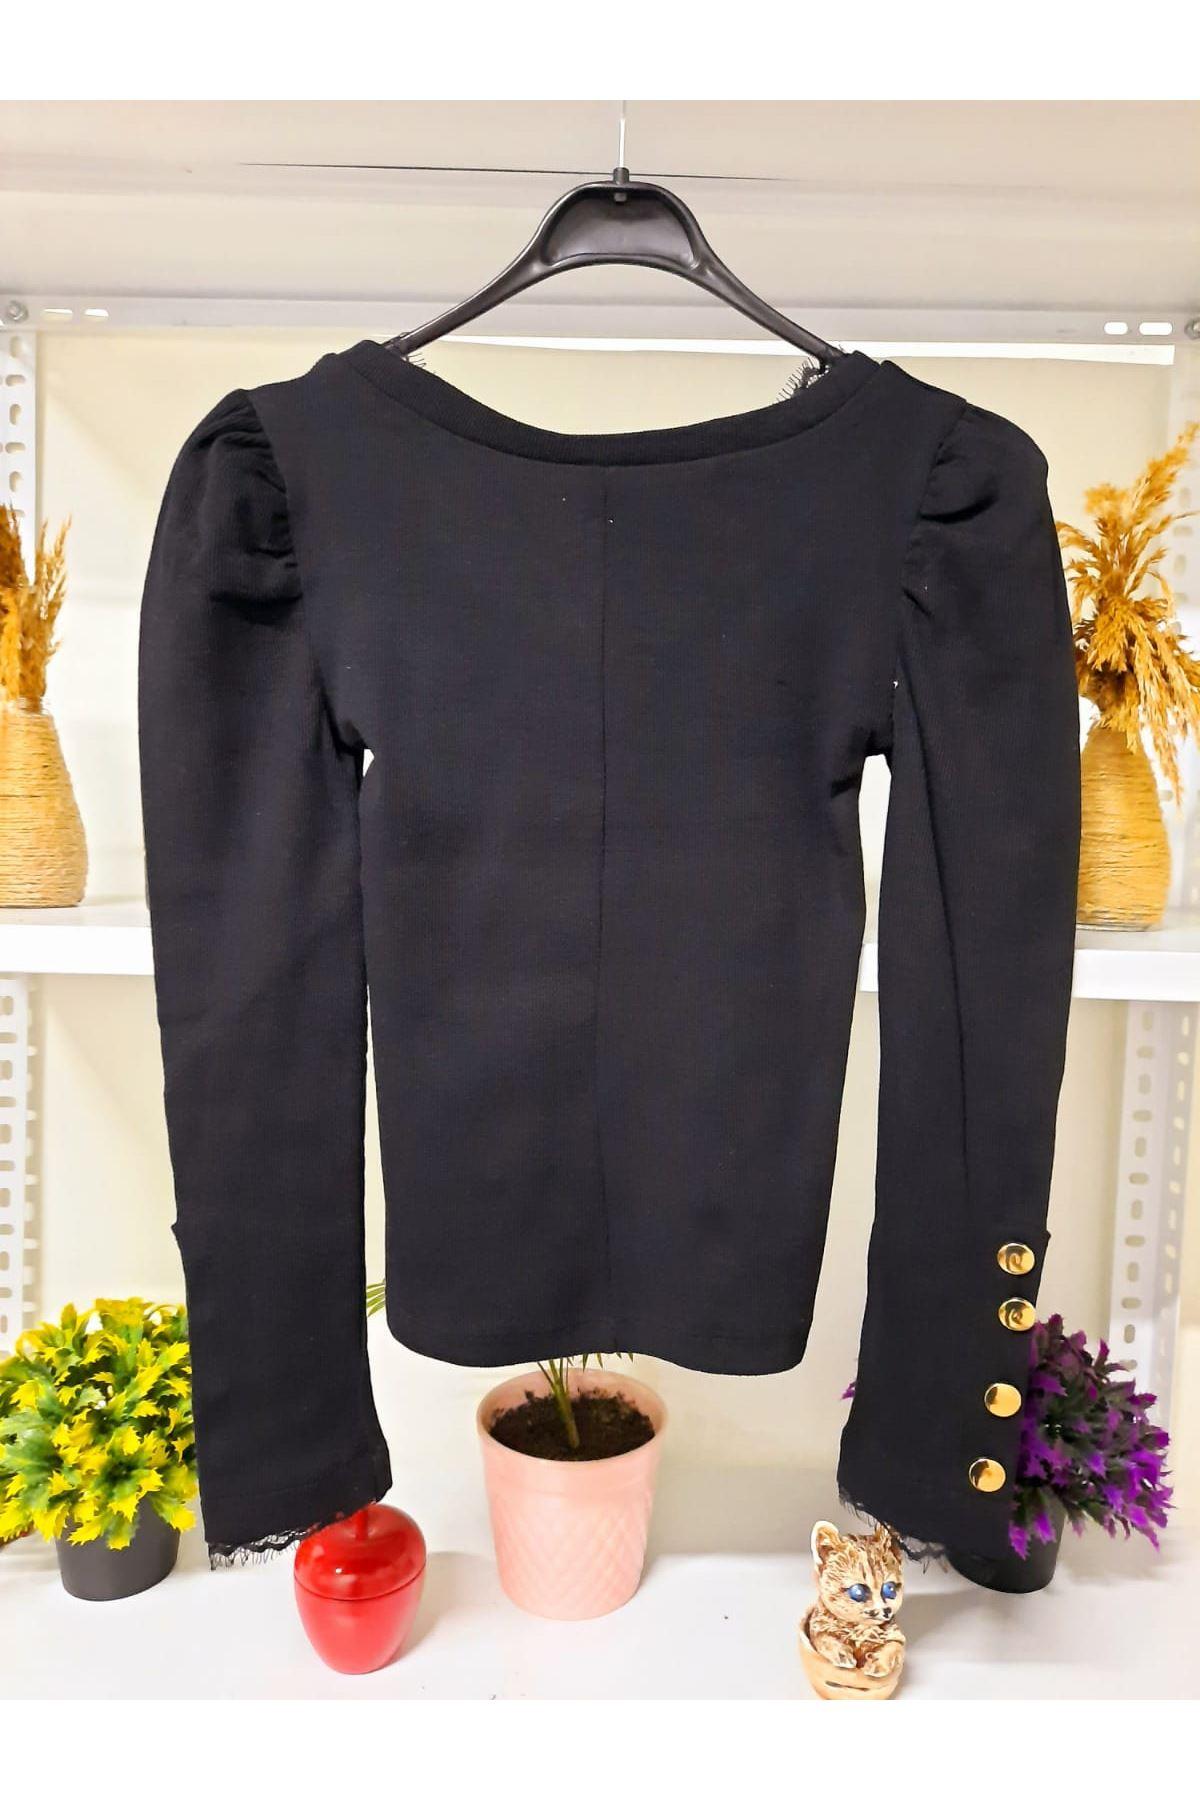 Kol Ve Yaka Dantel Detay Bluz - siyah